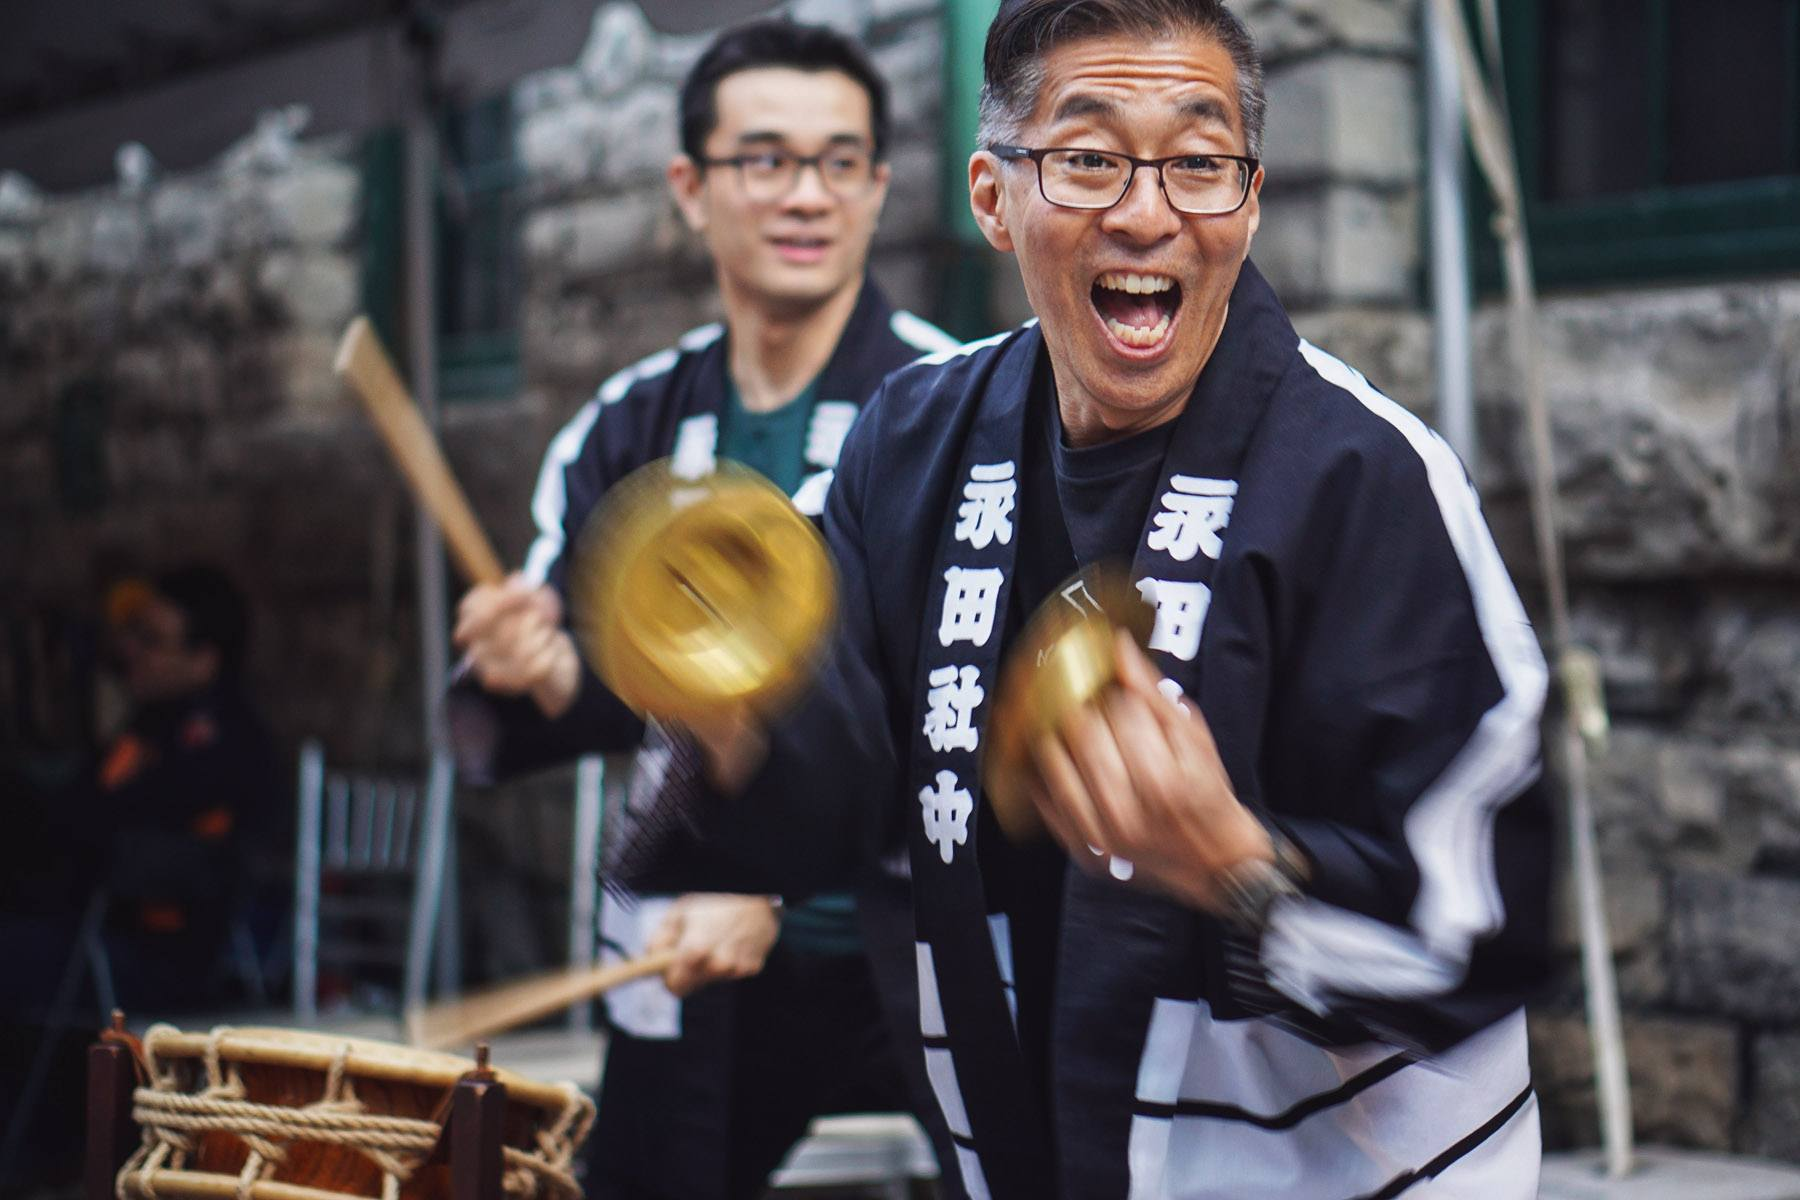 Kampai festival of sake festival